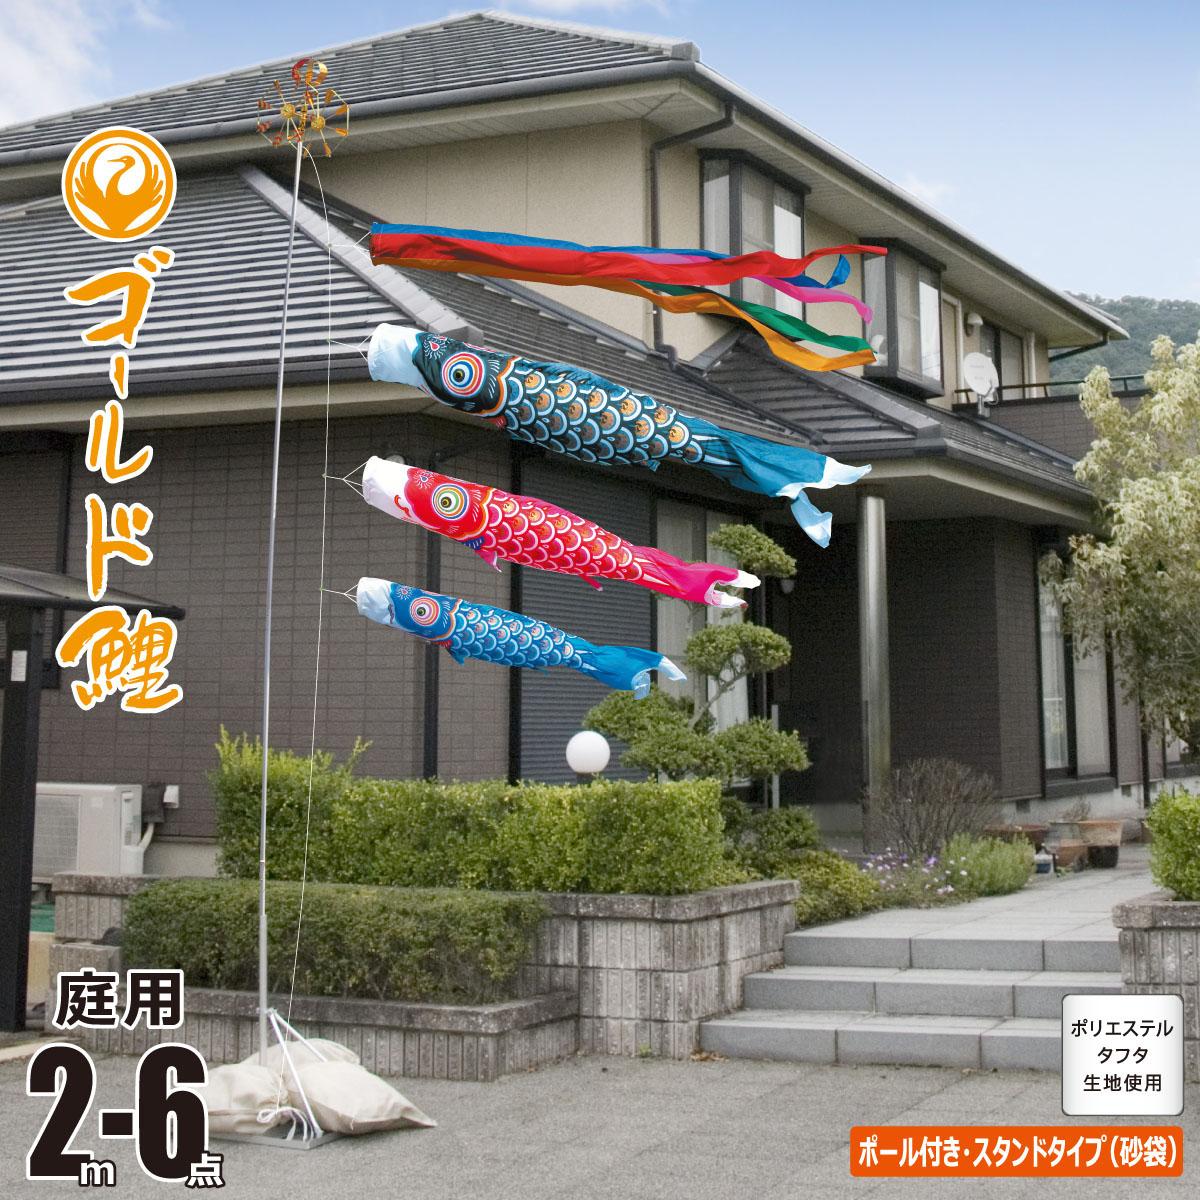 こいのぼり 2m ゴールド鯉 6点 (矢車、ロープ、吹流し、鯉3匹) 庭園用 スタンドセット (庭用 スタンド 砂袋3枚入り) 徳永鯉のぼり KIT-116-245